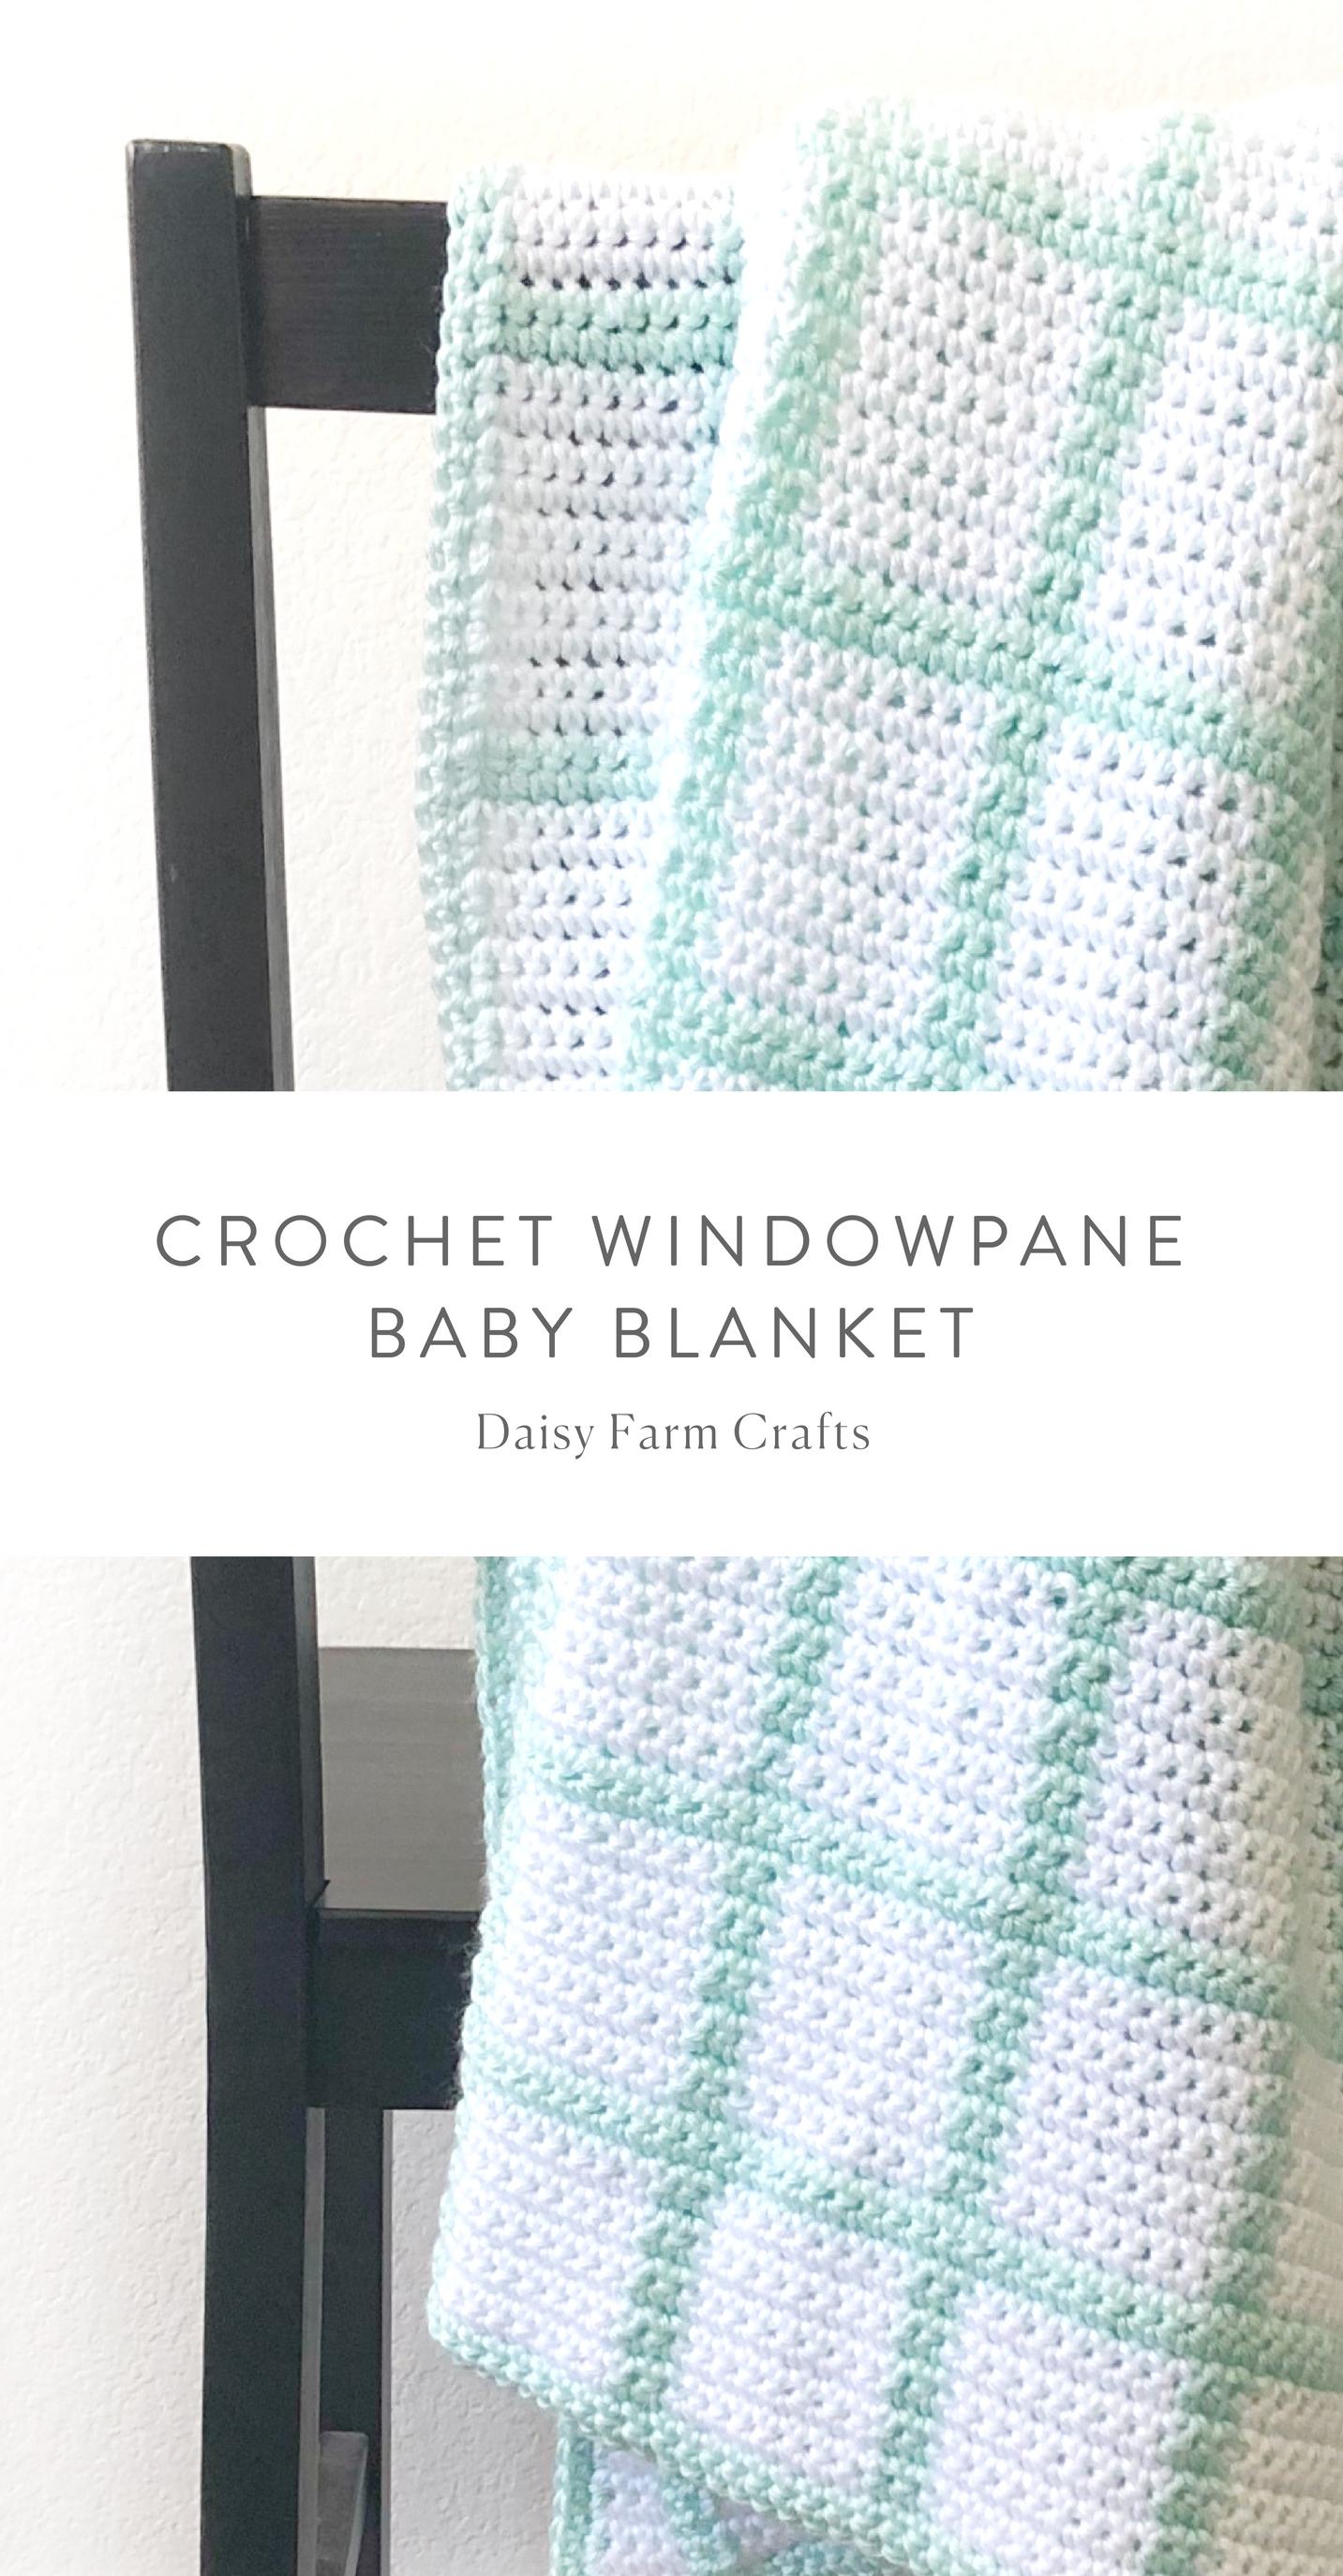 Free Pattern - Crochet Windowpane Baby Blanket #crochet   Crochet ...